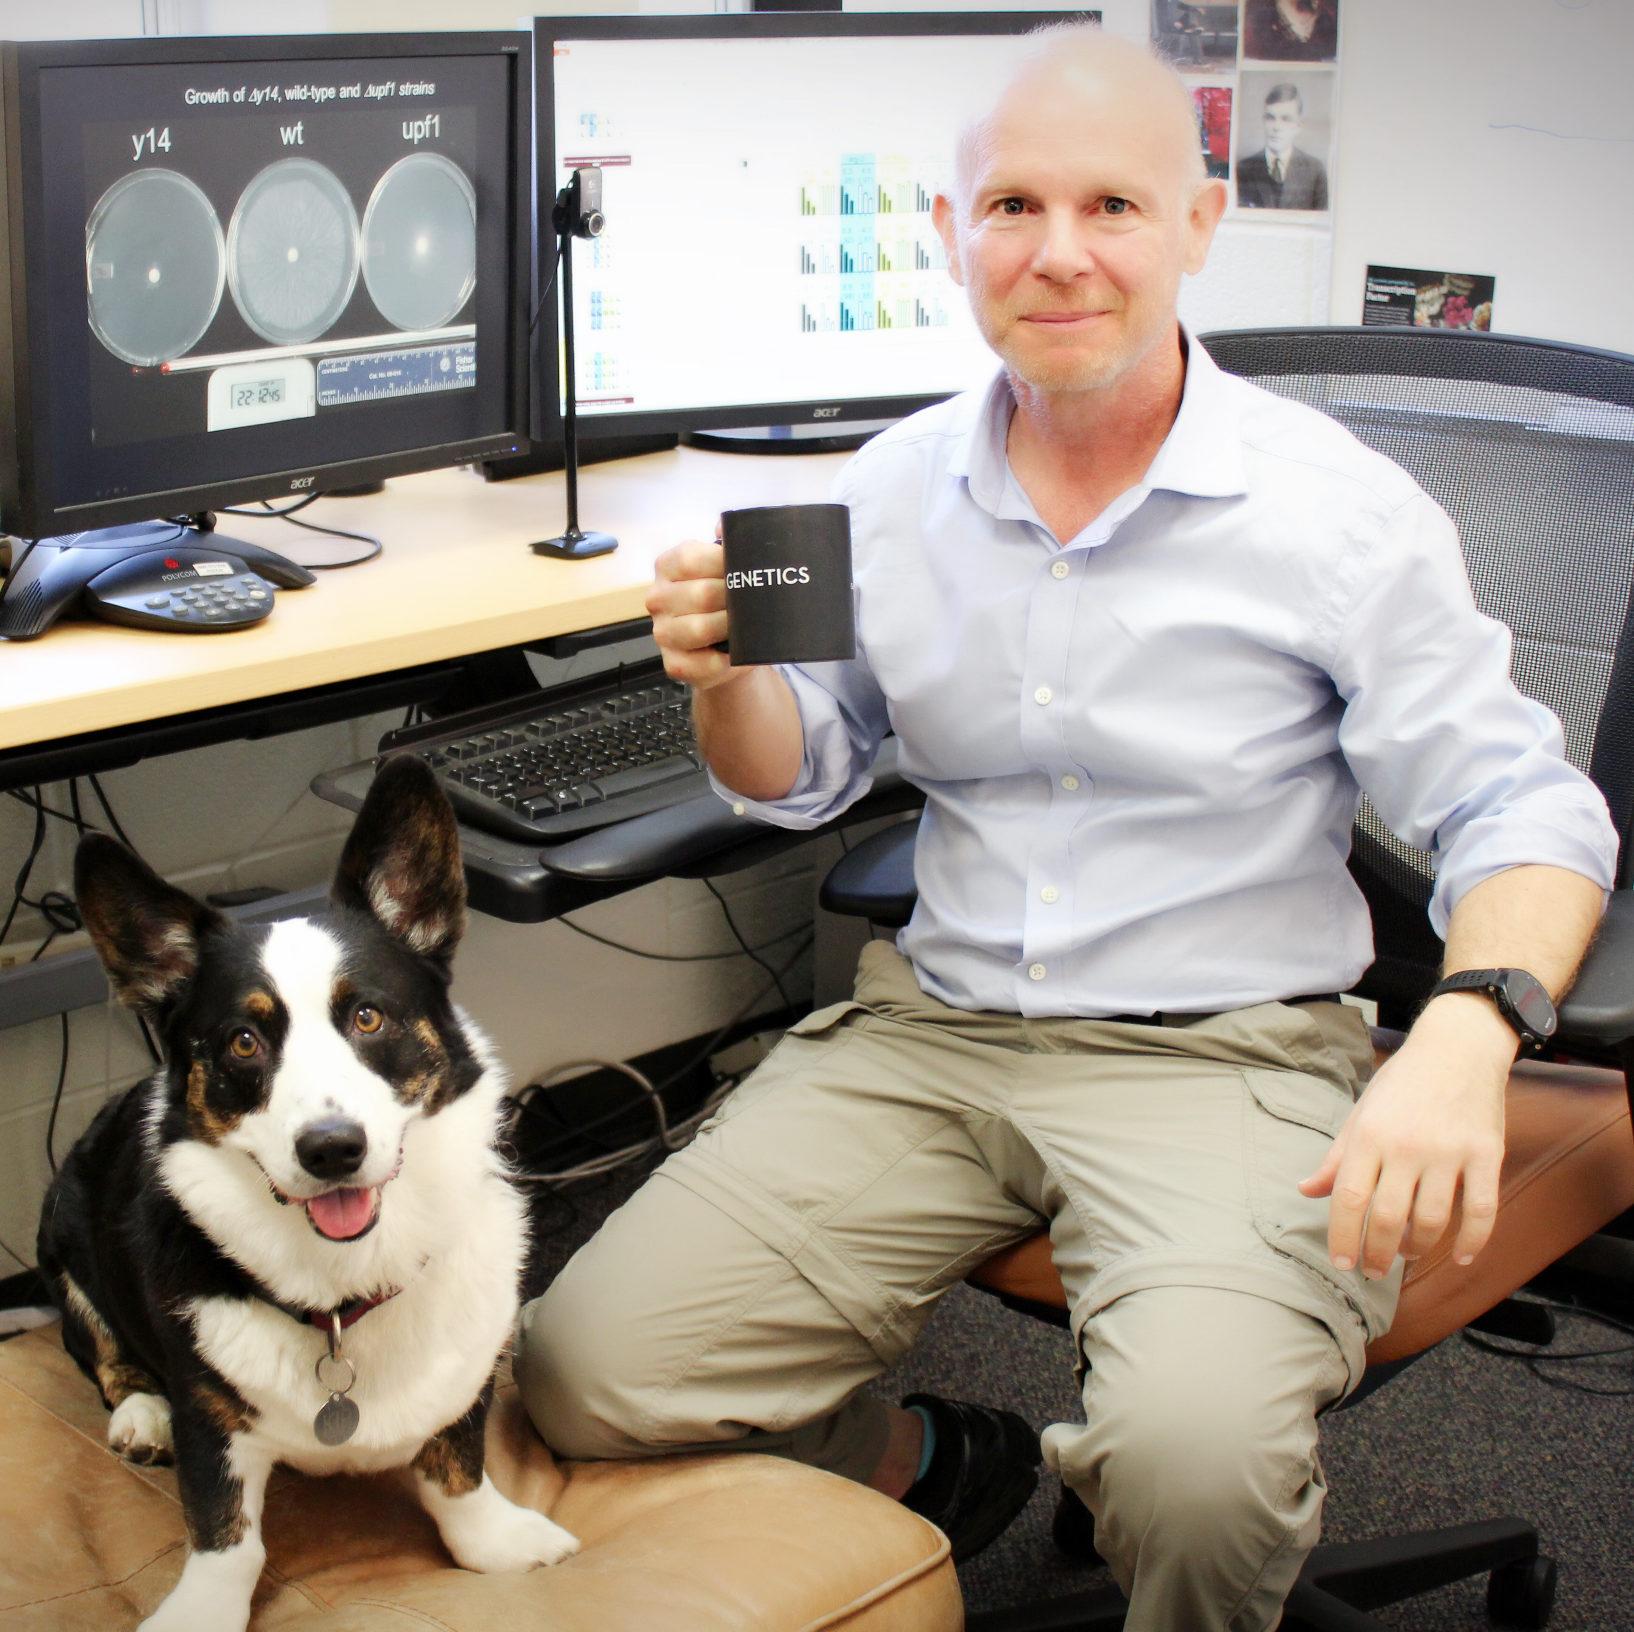 Matt Sachs, PhD